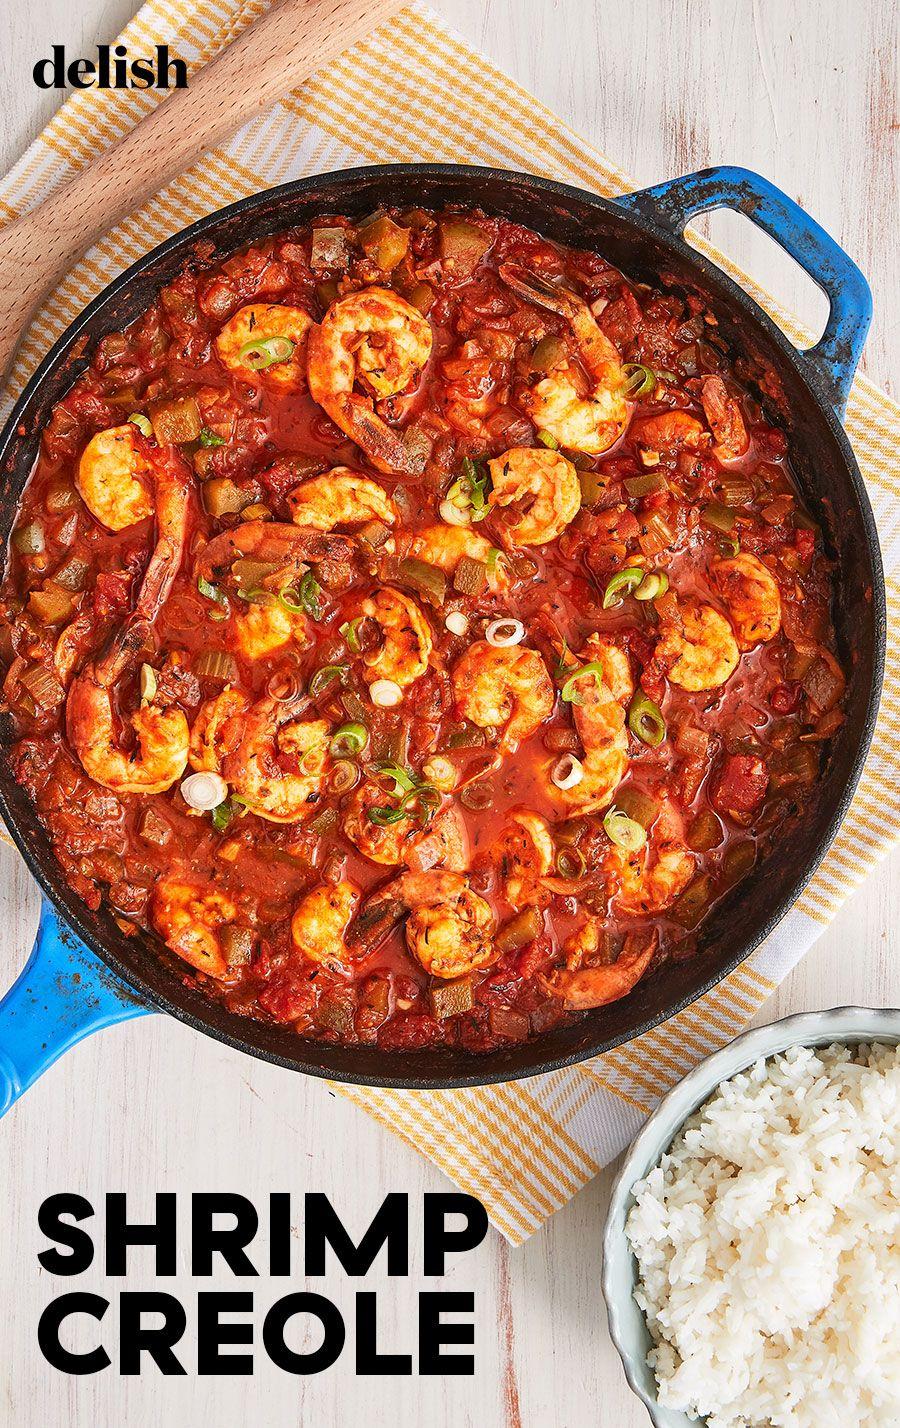 Creole shrimp recipes ...